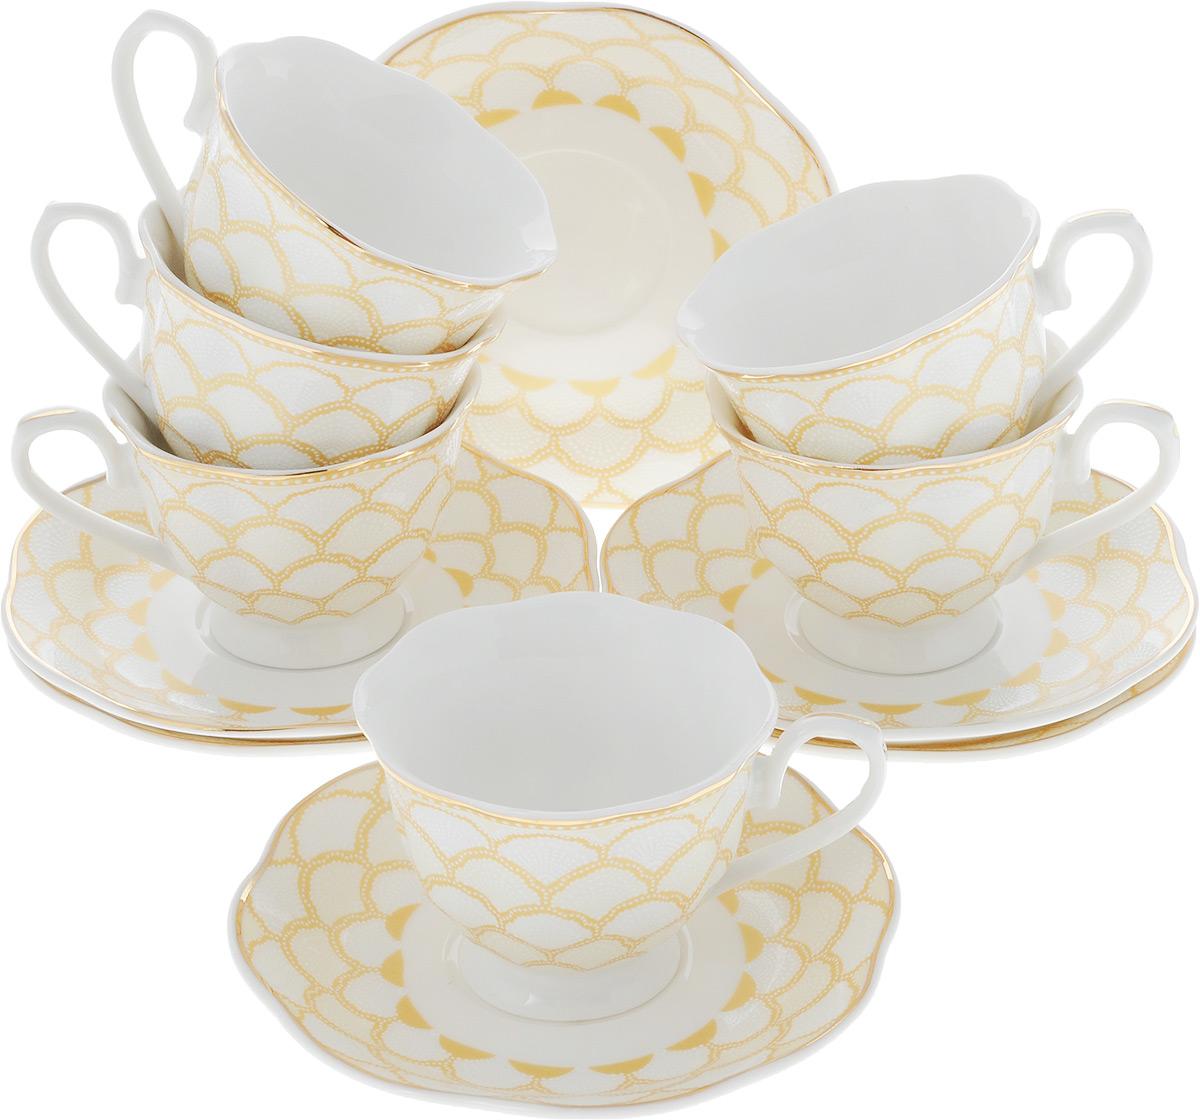 Сервиз кофейный Loraine, 12 предметов, цвет: белый, золотистый. 26444-1Аксион Т-33Кофейный сервиз Loraine на 6 персон выполнен из высококачественного костяного фарфора - материала, безопасного для здоровья и надолго сохраняющего тепло напитка. В наборе 6 чашек и 6 блюдец. Несмотря на свою внешнюю хрупкость, каждый из предметов набора обладает высокой прочностью и надежностью. Изделия украшены тонкой золотой каймой, внешние стенки дополнены рельефным орнаментом. Элегантный классический дизайн сделает этот набор изысканным украшением любого стола. Набор упакован в подарочную коробку, поэтому его можно преподнести в качестве оригинального и практичного подарка для родных и близких. Подходит для мытья в посудомоечной машине.Объем чашки: 80 мл. Диаметр чашки (по верхнему краю): 7 см. Высота чашки: 5,5 см. Диаметр блюдца: 11,5 см.